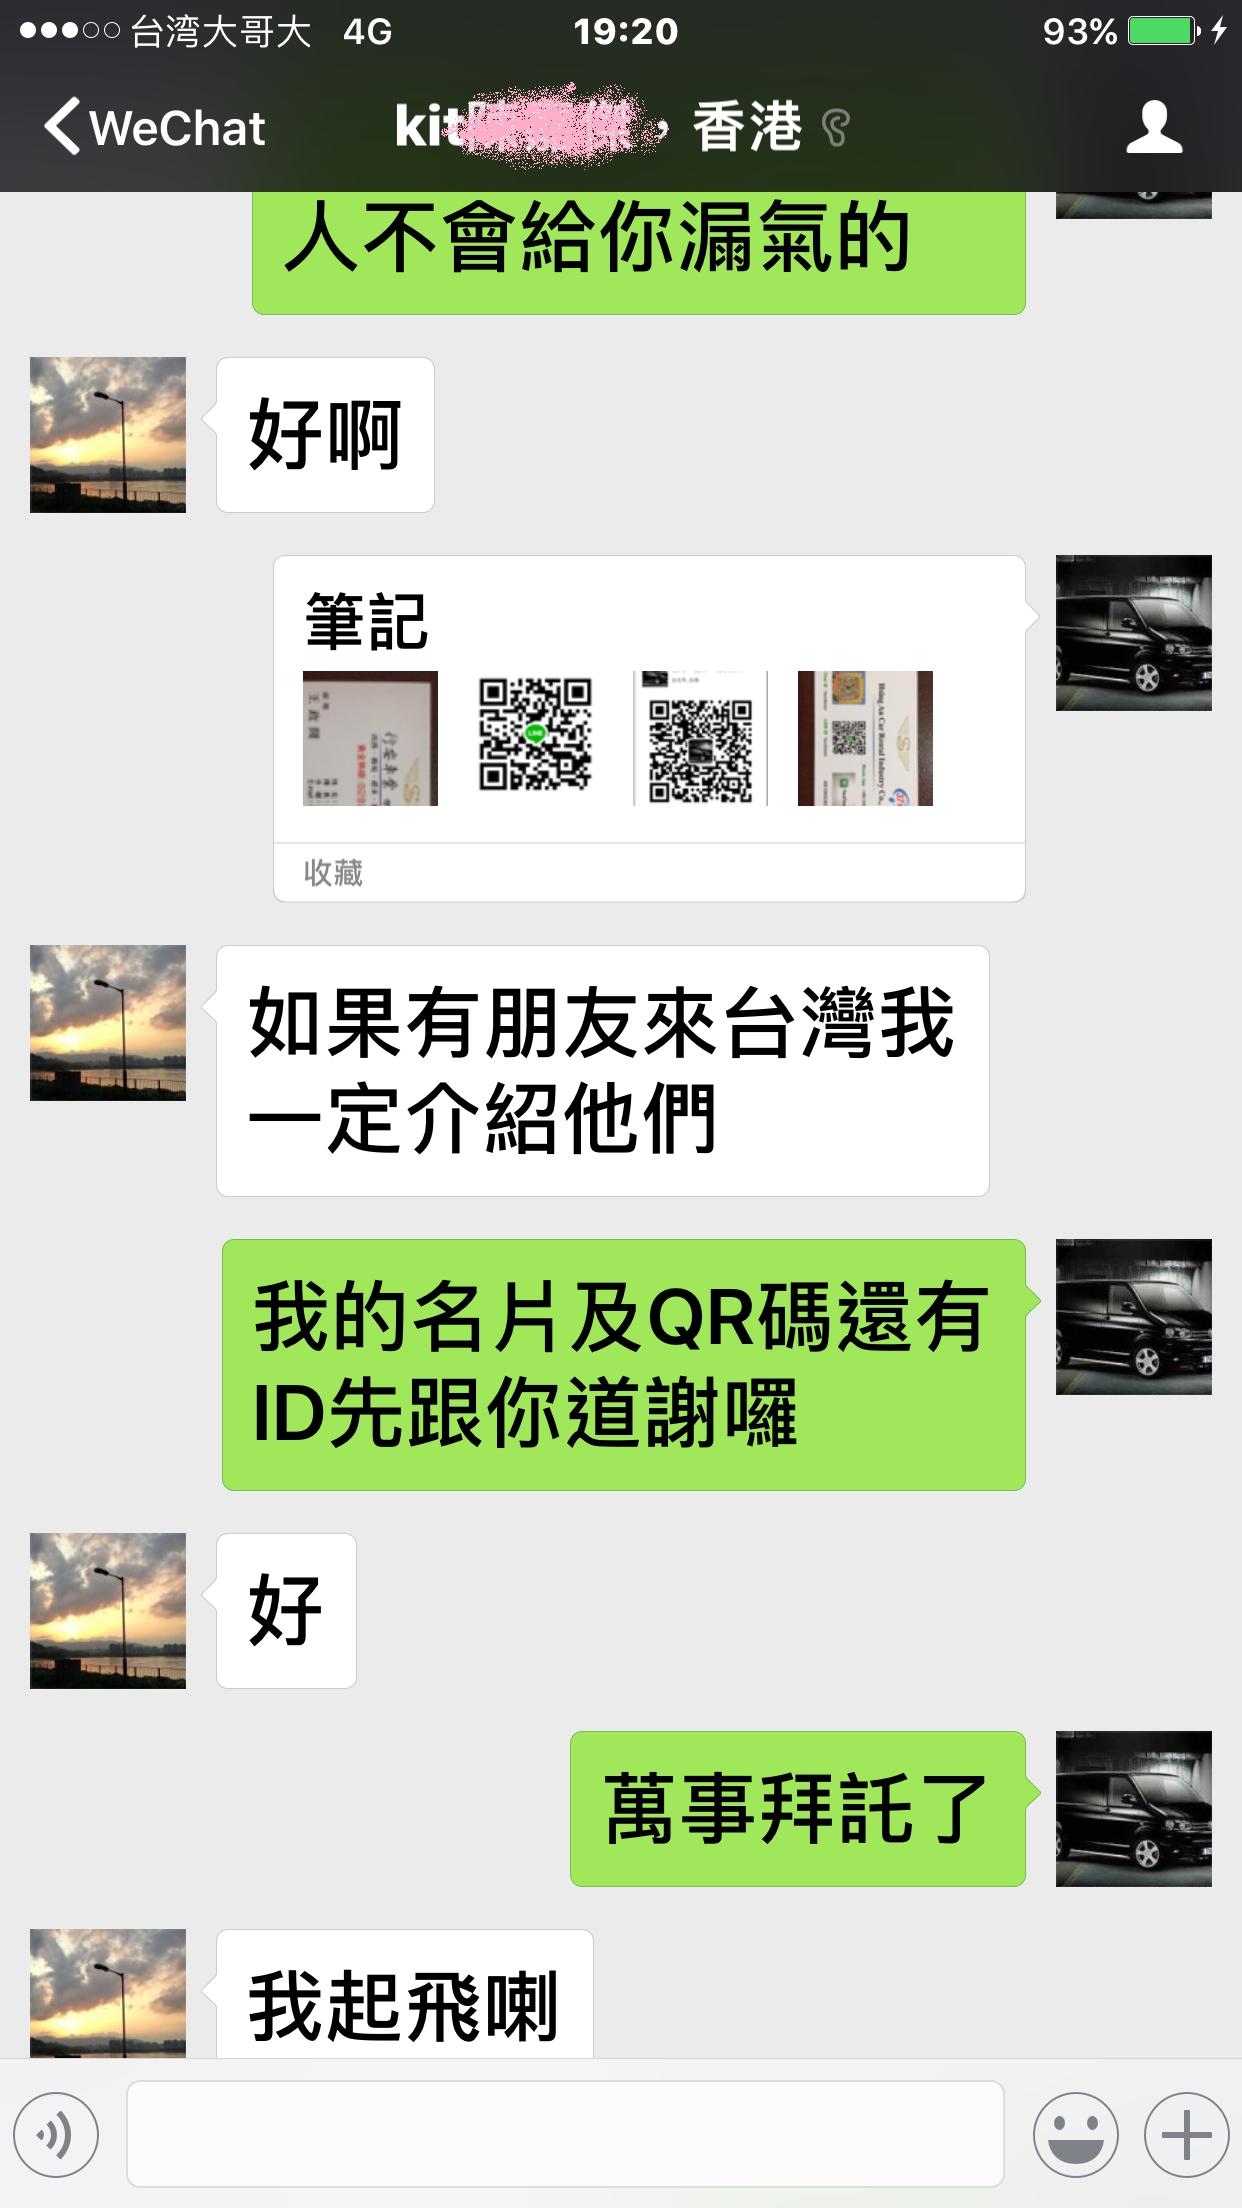 台灣自由行包車-評價_001 (1).png